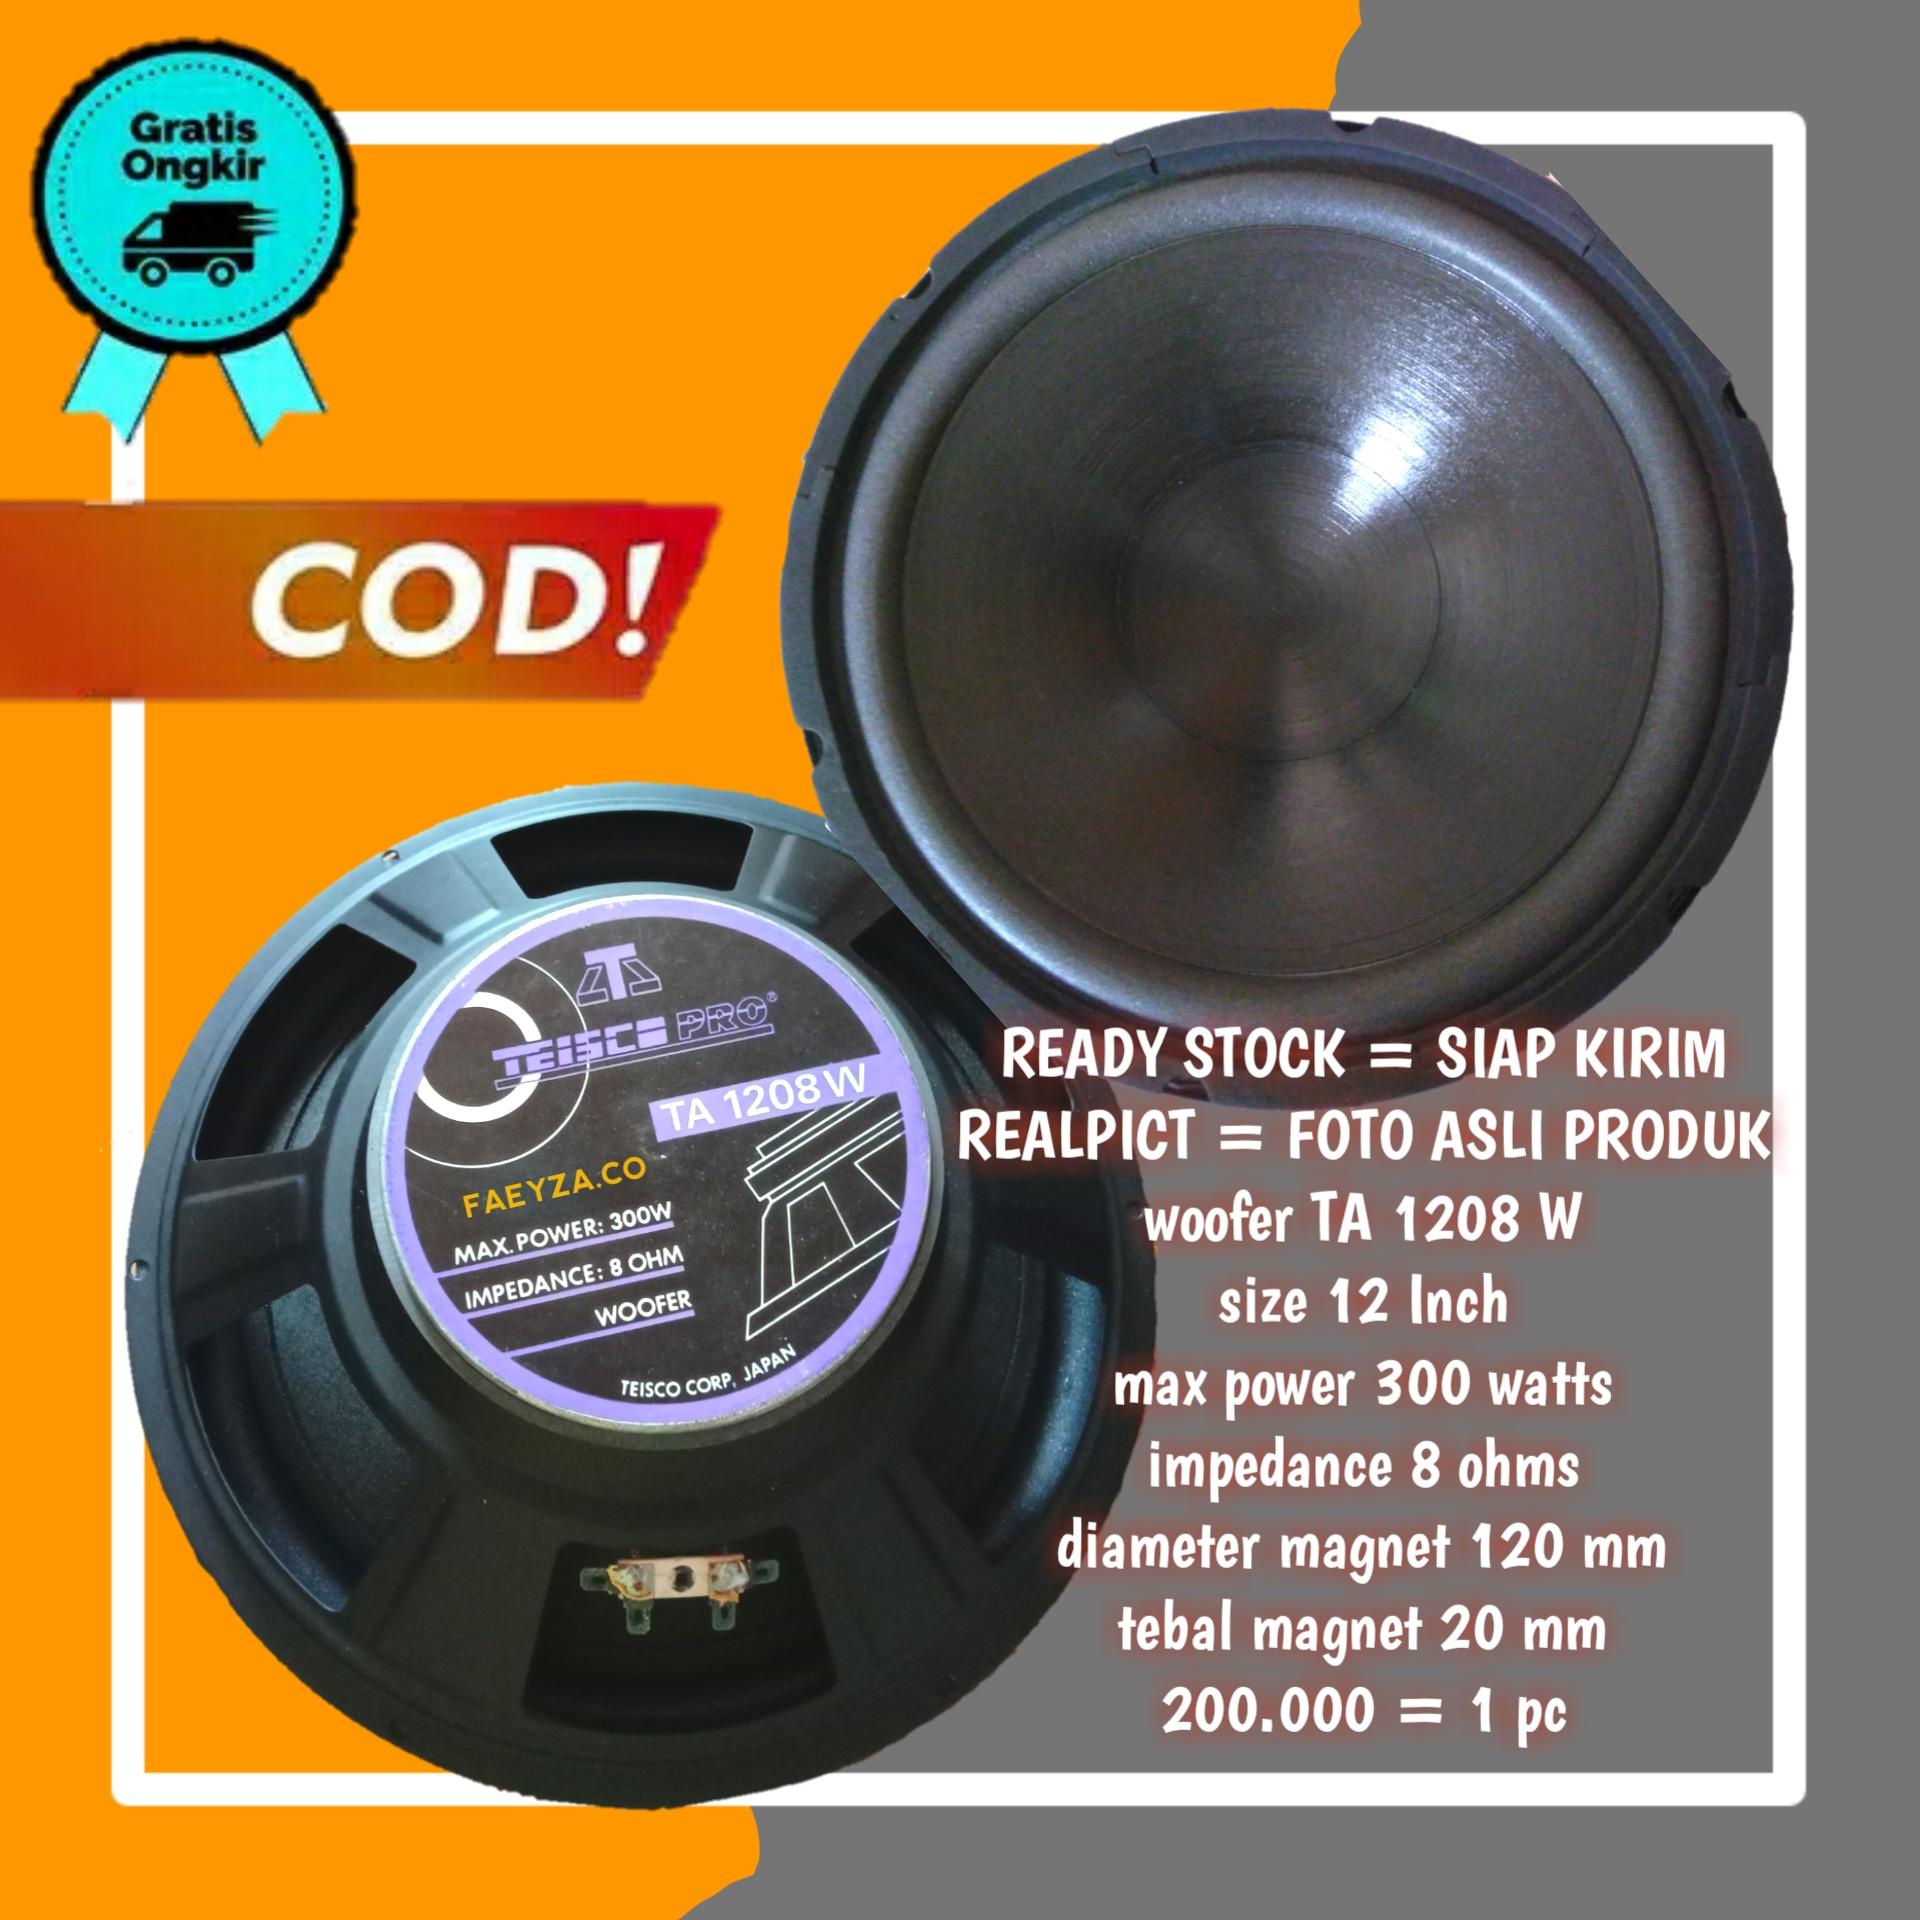 Speaker Woofer 12 Inch 300 Watt 1208 // Spiker Wofer 12 Inci Mid Bass //  Speker Wufer 12 In // Sepiker Wuver 12